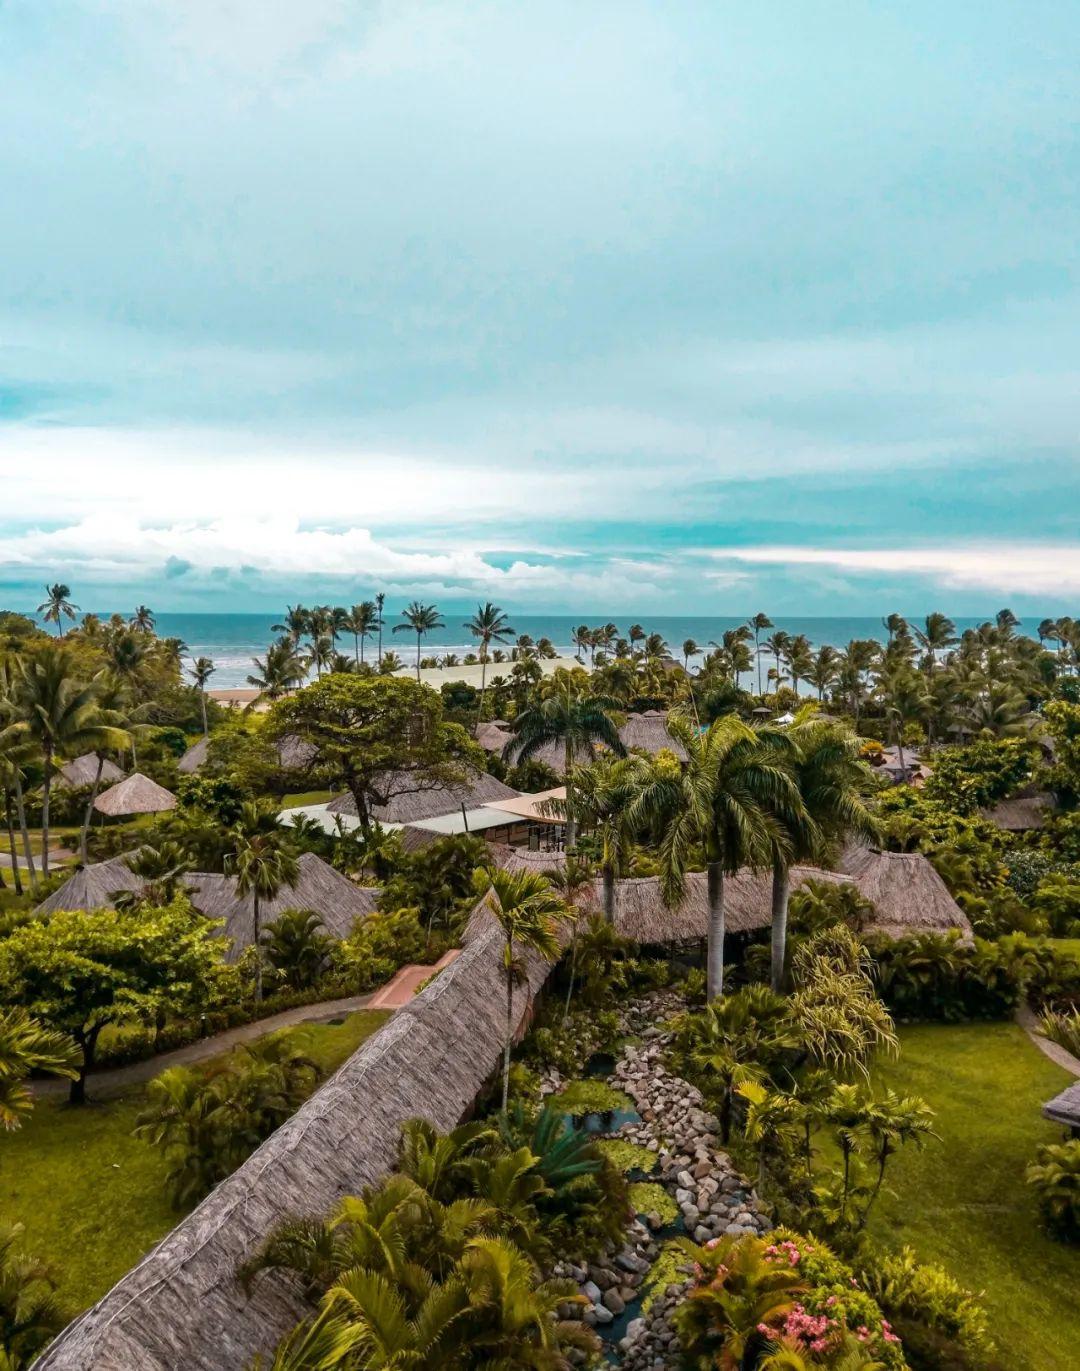 △斐济,总被当成是天堂的地方/unsplash